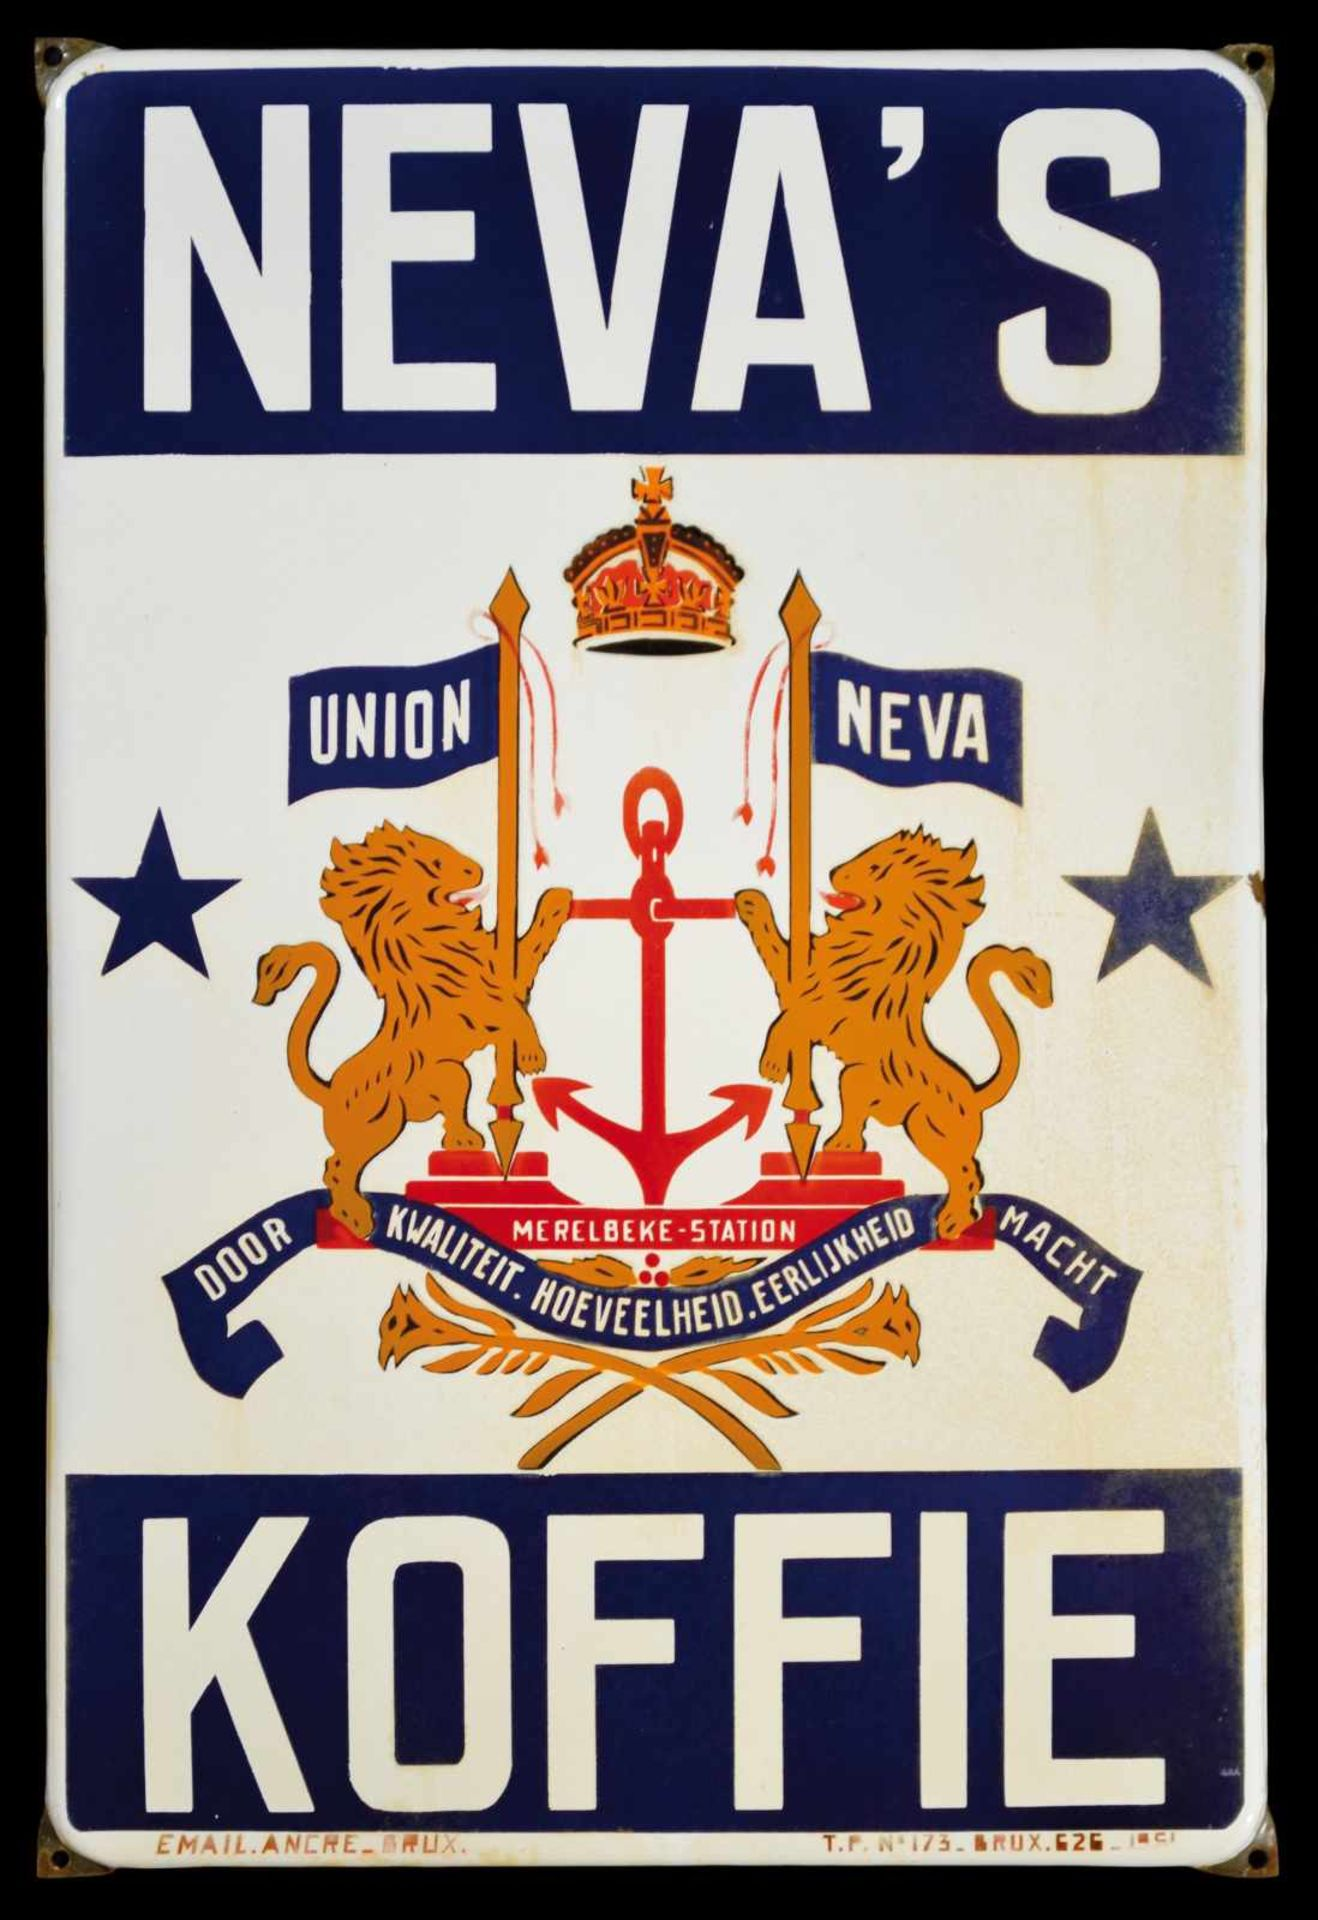 NEVA'S KOFFIE (2-3) Emailschild, abgekantet, fett schabloniert, Belgien 1951, 43 x 65 cm, Email